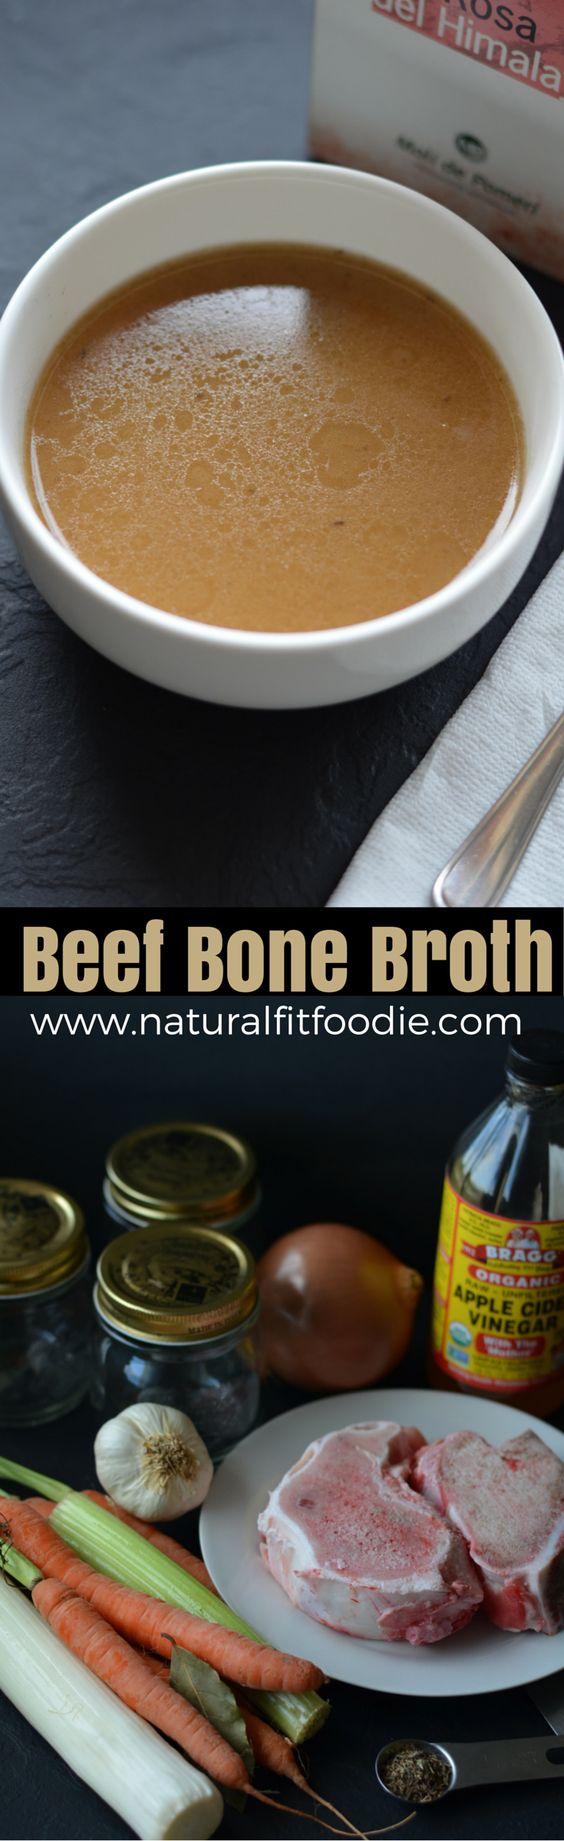 Beef Bone Broth Recipe Beef Bone Broth, Beef Bones and Bone Broth